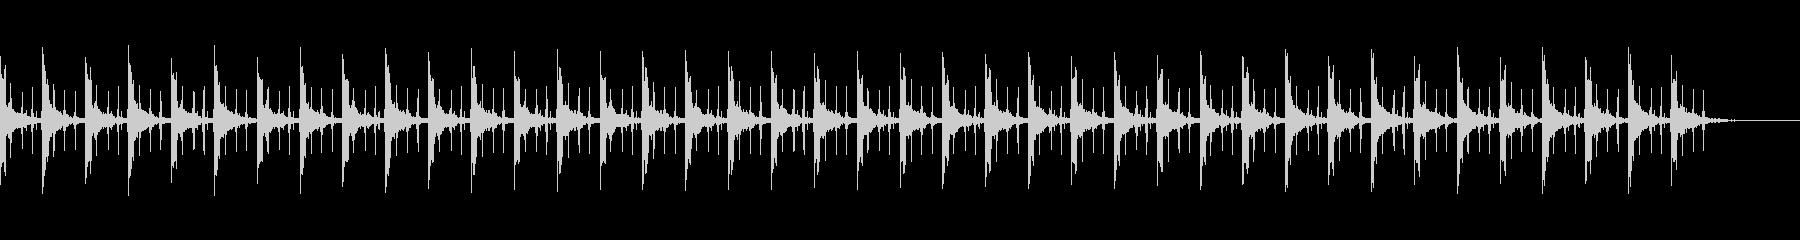 ピッピ+秒針 カウント40秒 - 04の未再生の波形